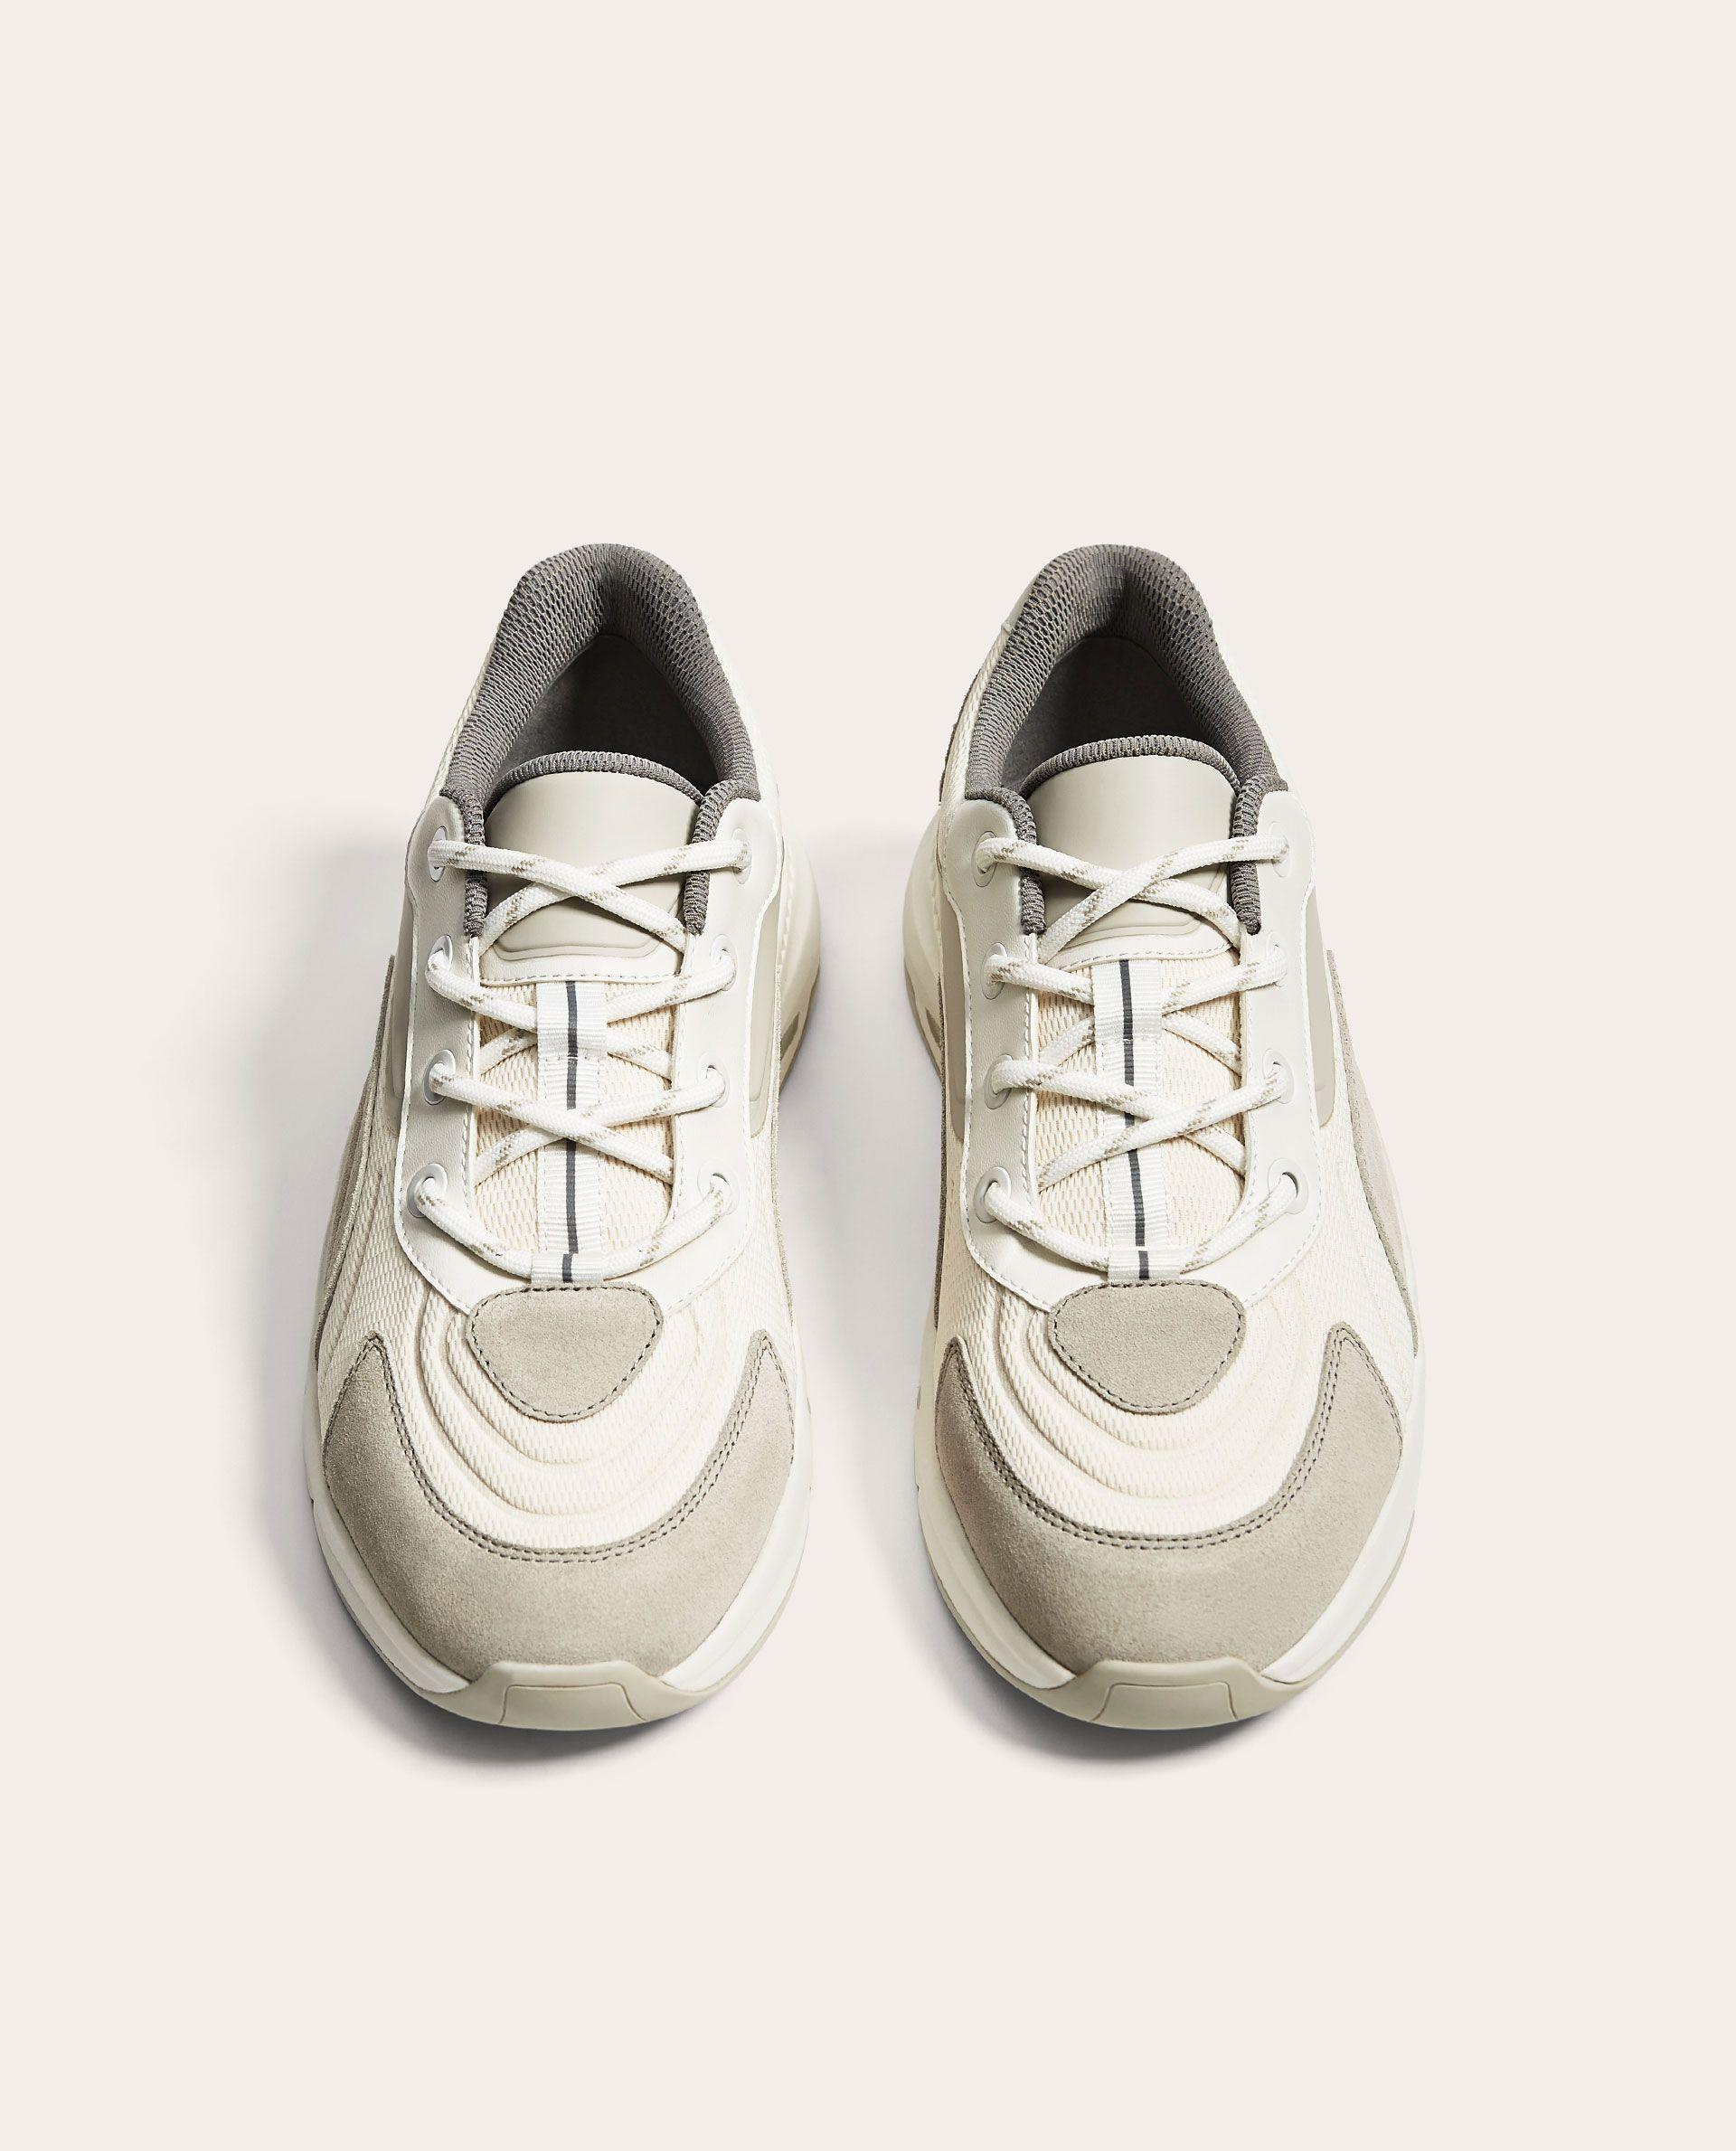 c92d413ba65d7 DEPORTIVO SUELA VOLUMEN. Encuentra este Pin y muchos más en Shoes ...